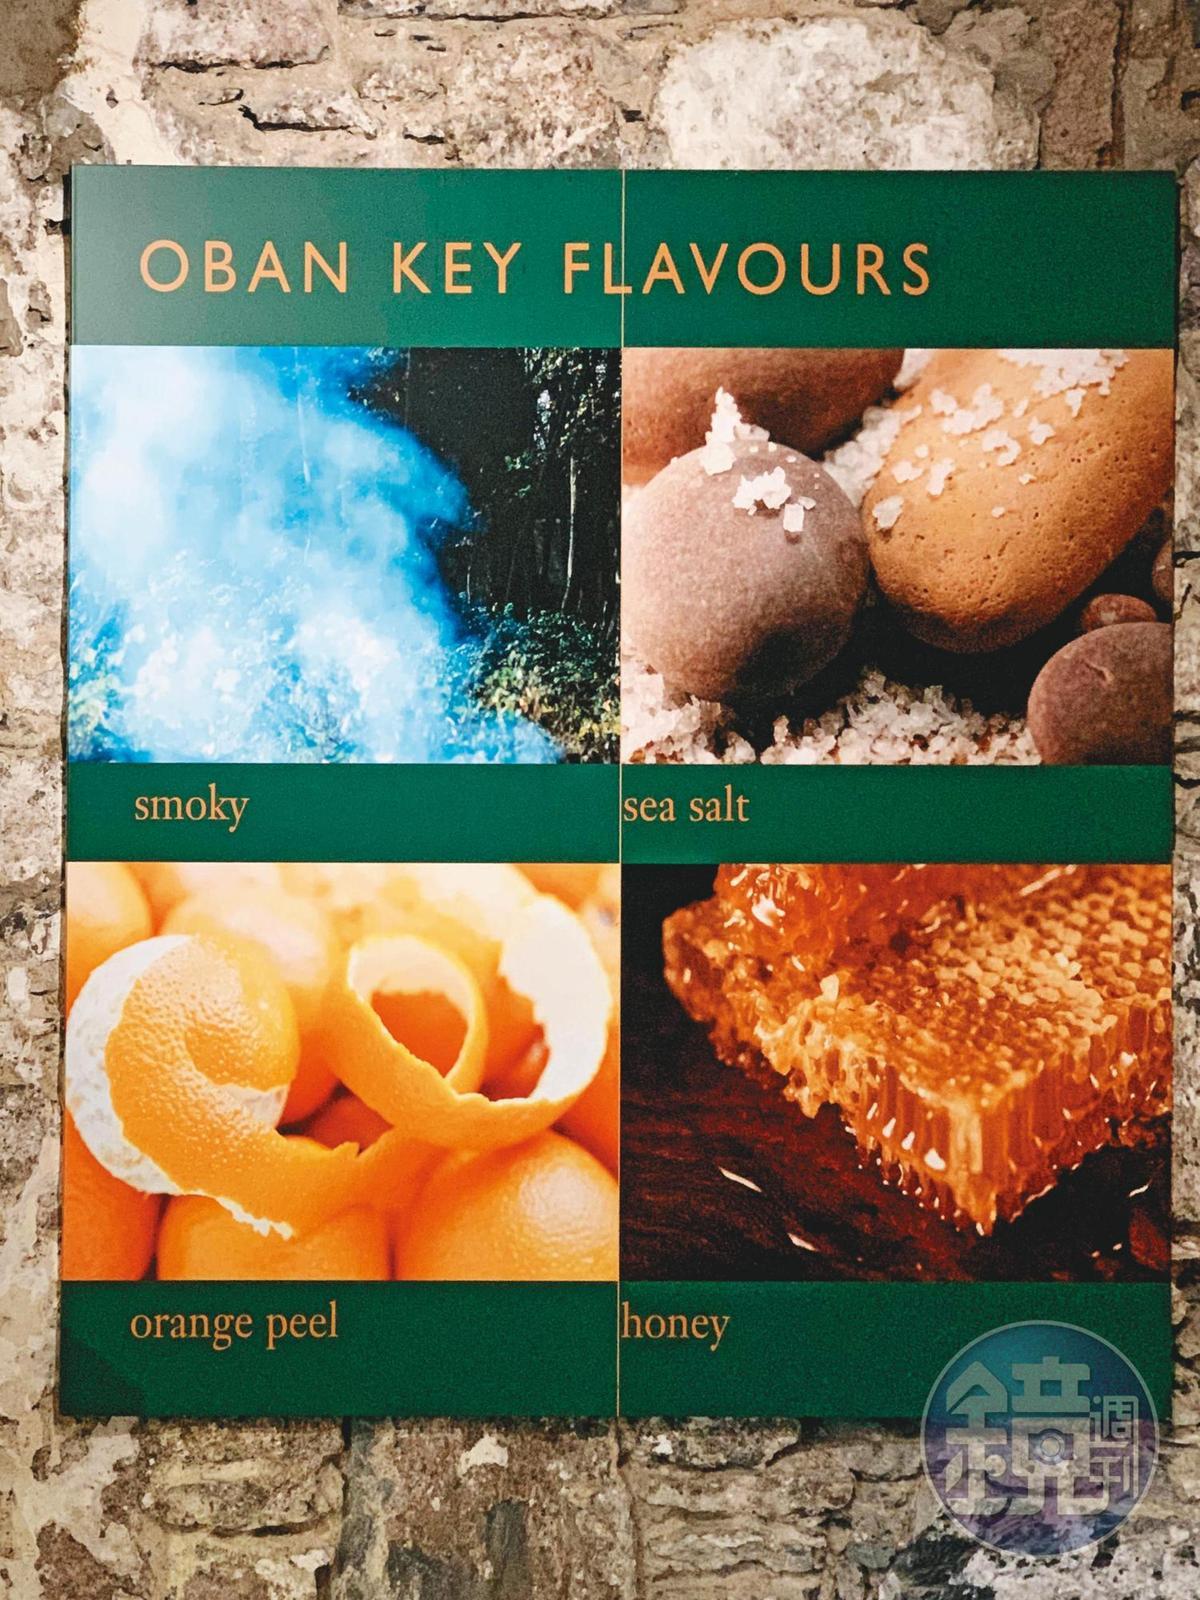 歐本酒廠的4個主要風味,分別是煙燻、橘子、海鹽、蜂蜜,可說是既衝突又融合。